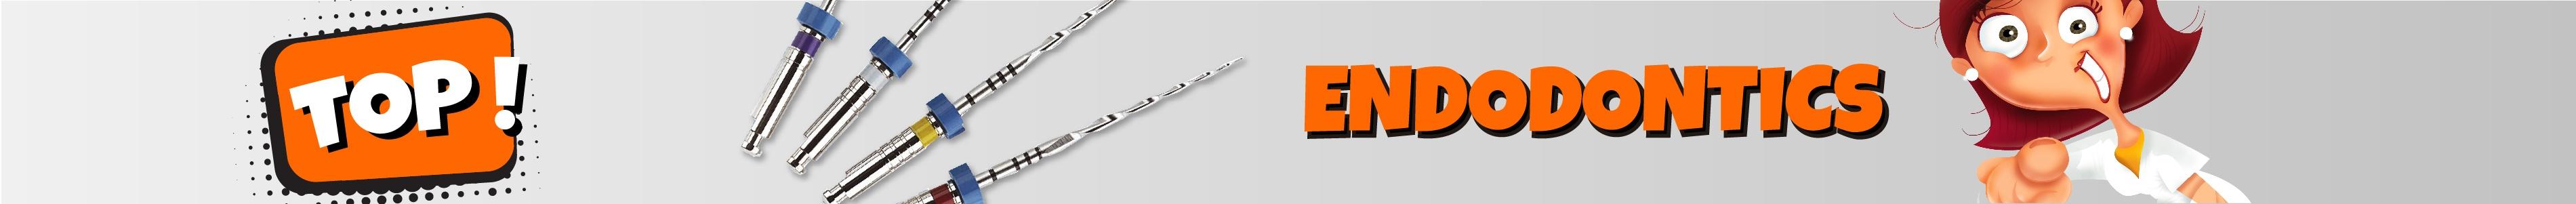 Endodontics image